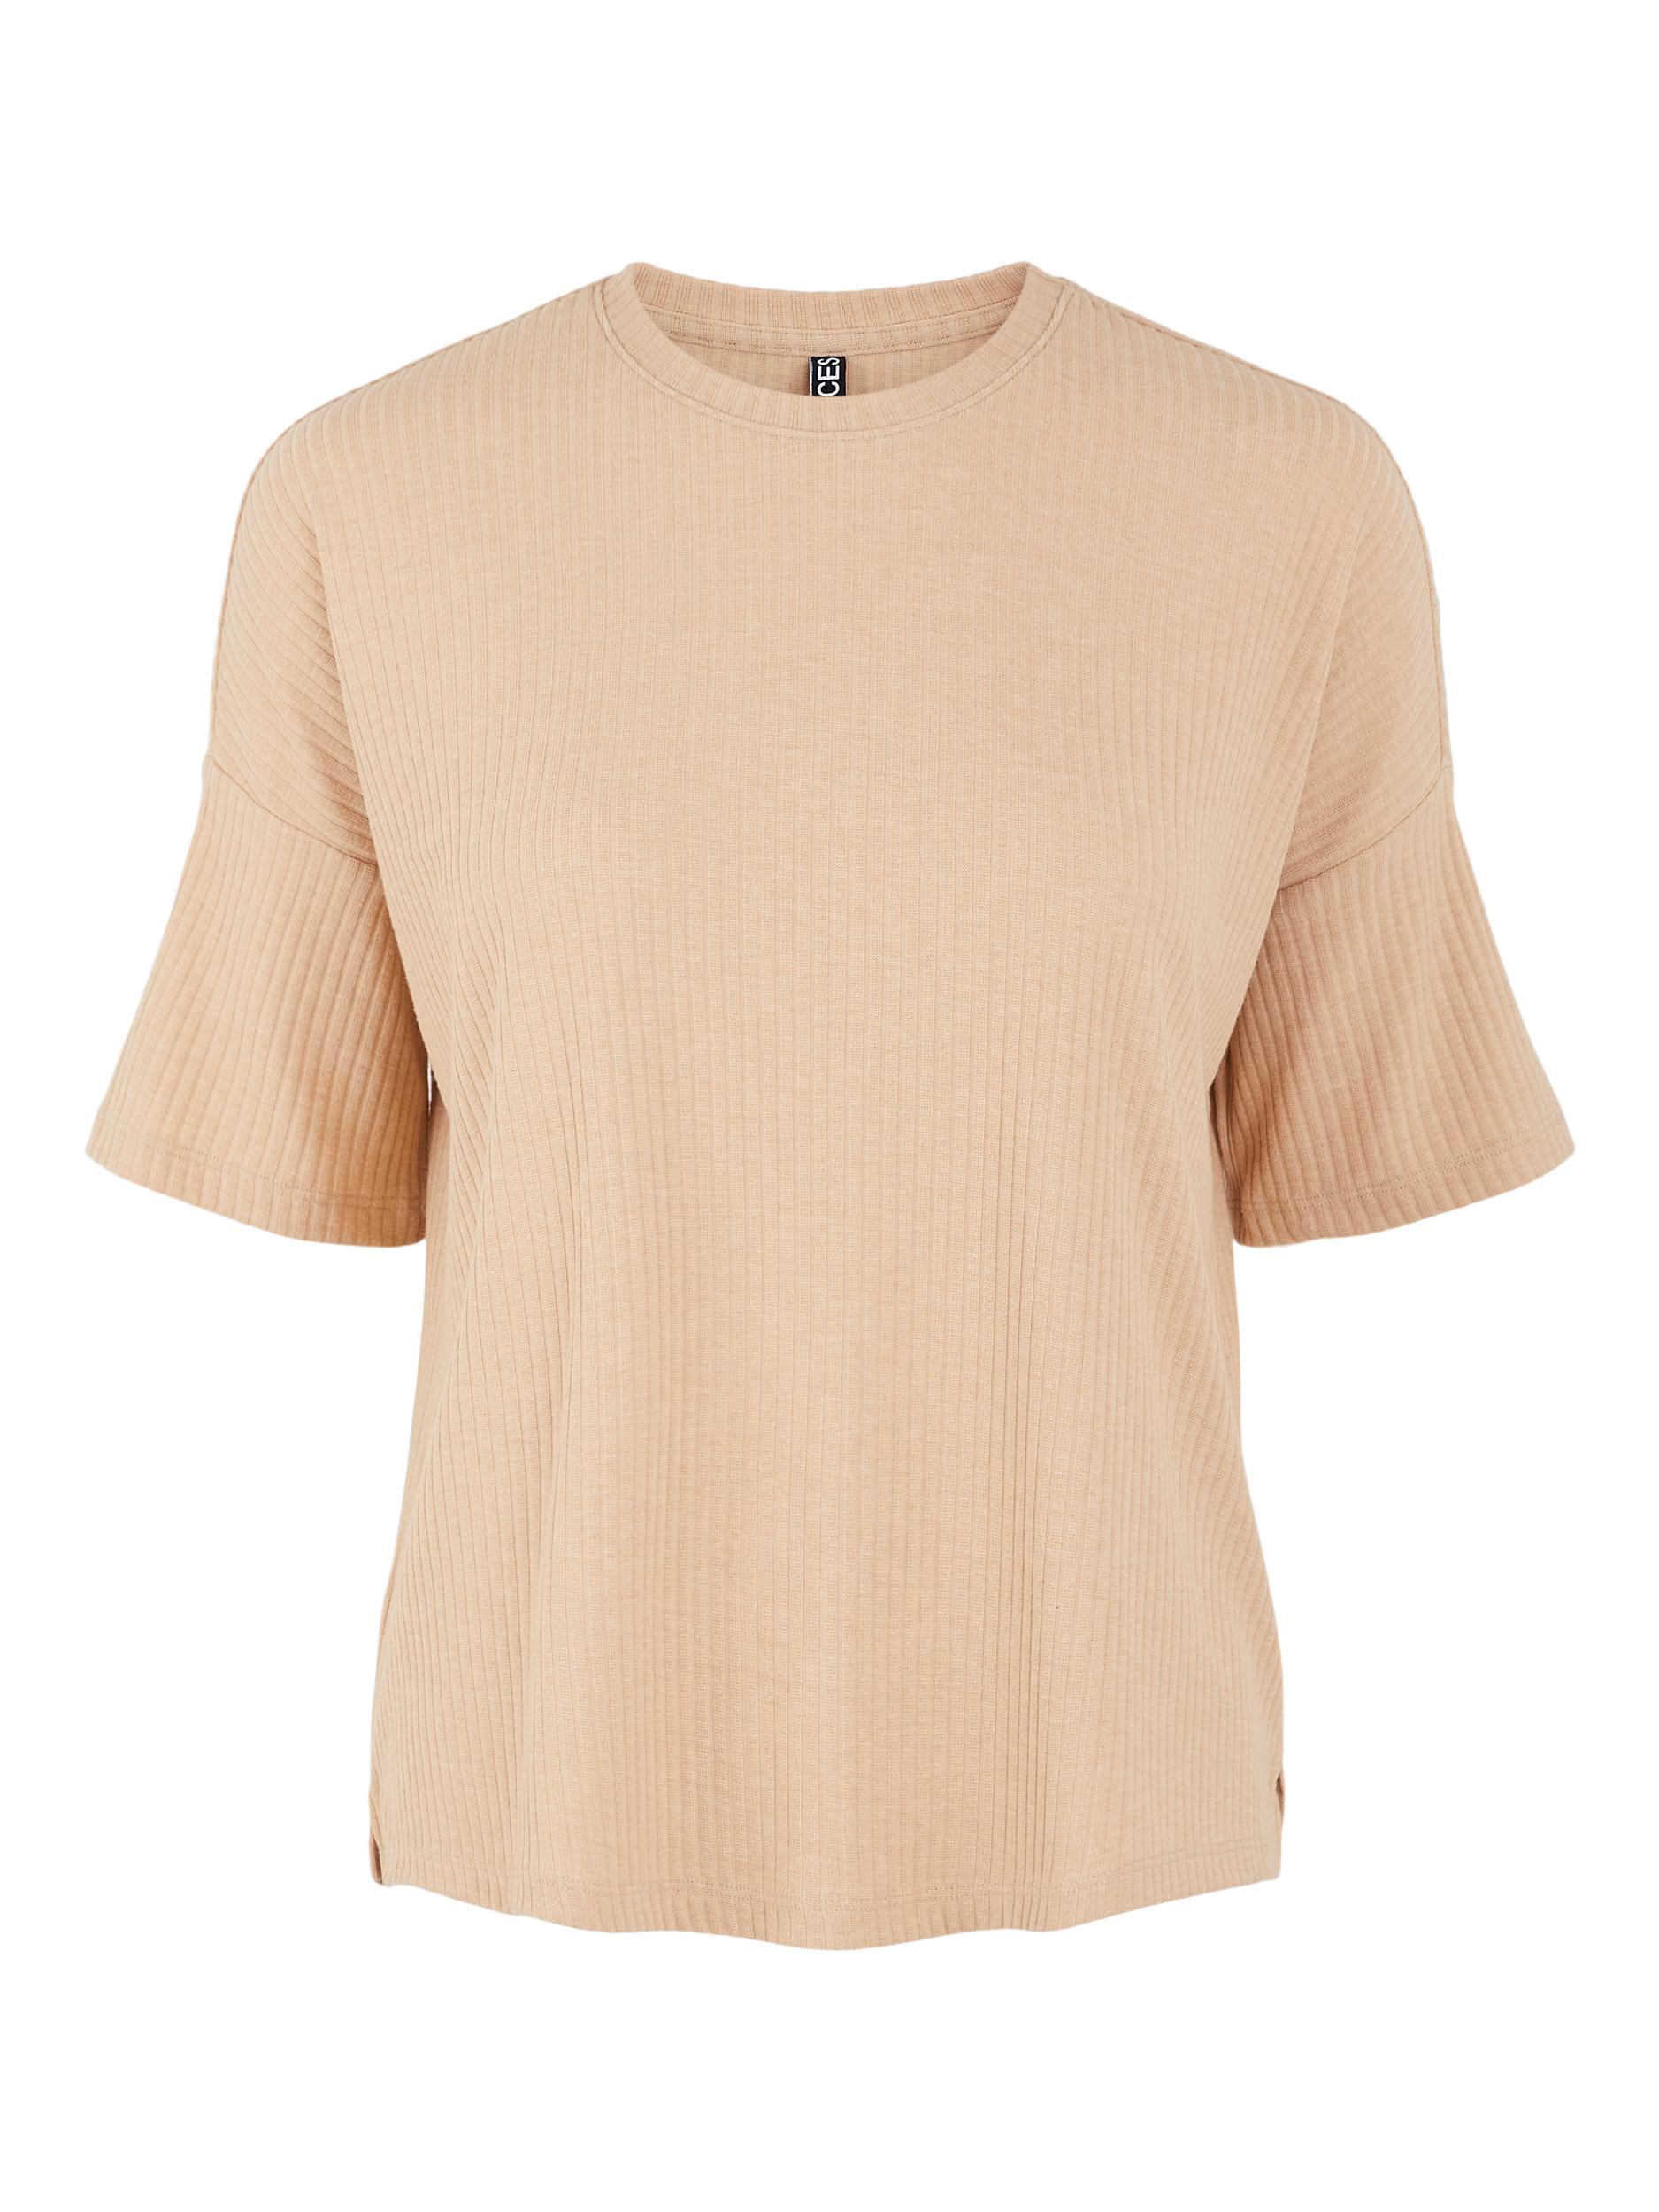 Pieces Ribbi t-shirt